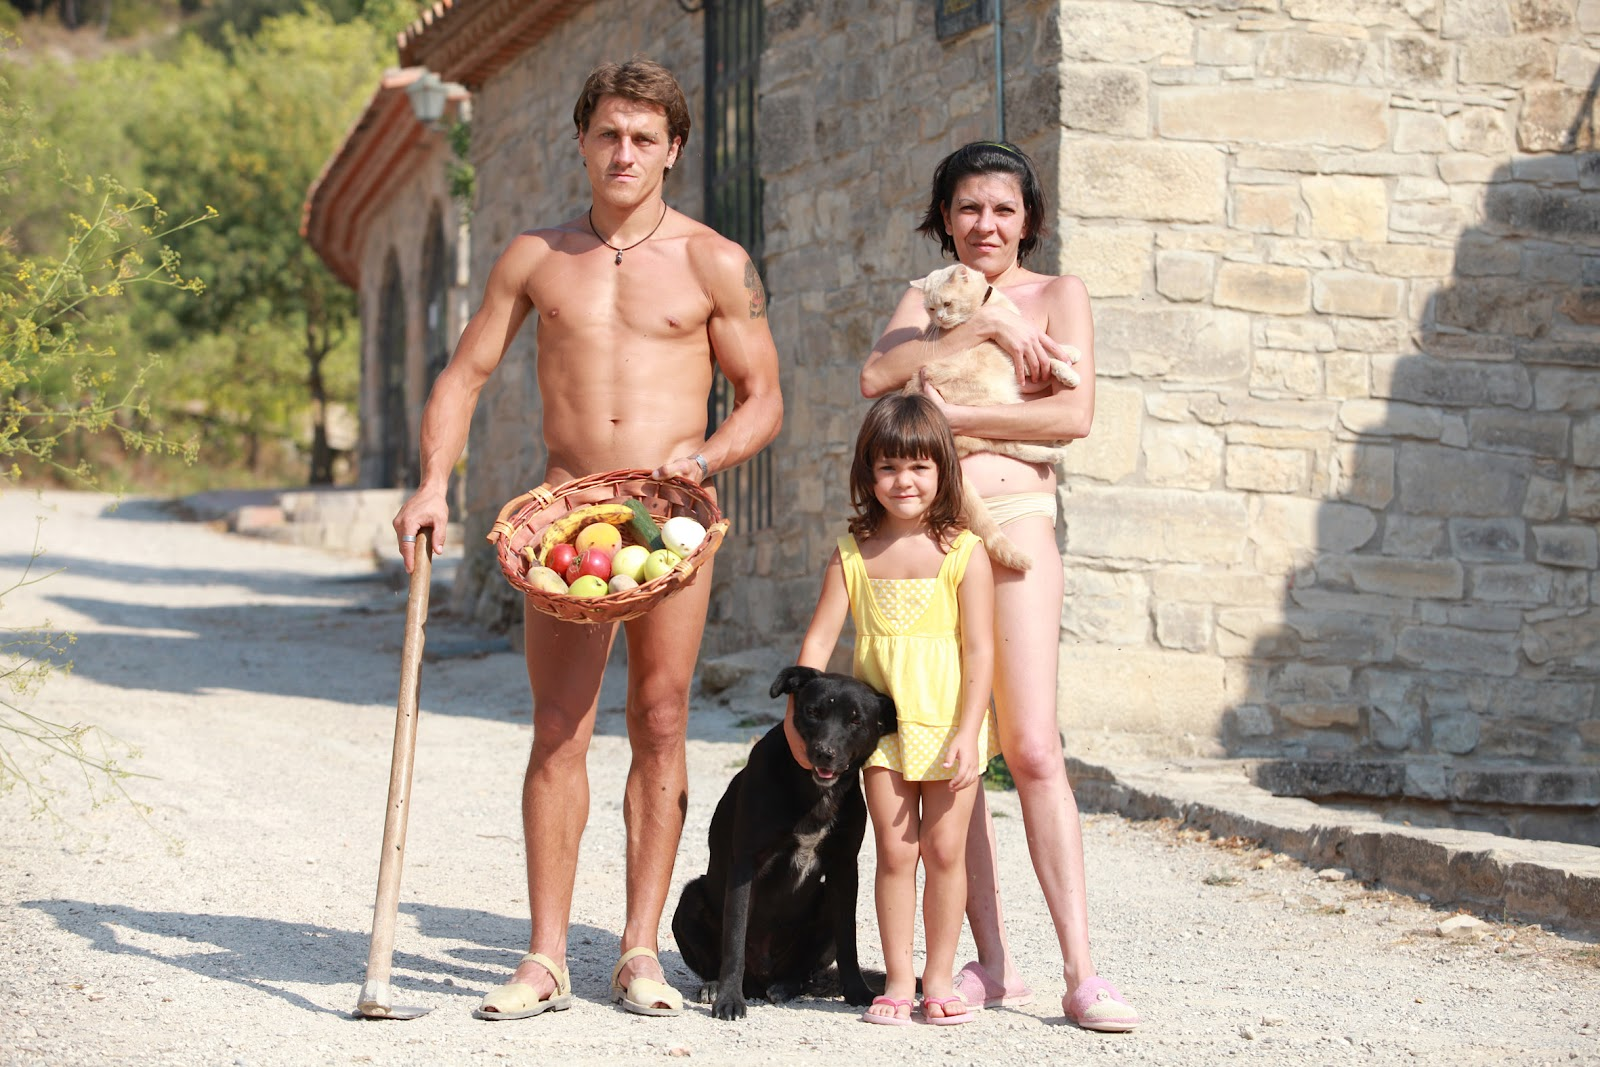 El Fonoll, Hiszpania – Powstała naturystyczna wioska, ludzie tam żyją zgodnie z naturą